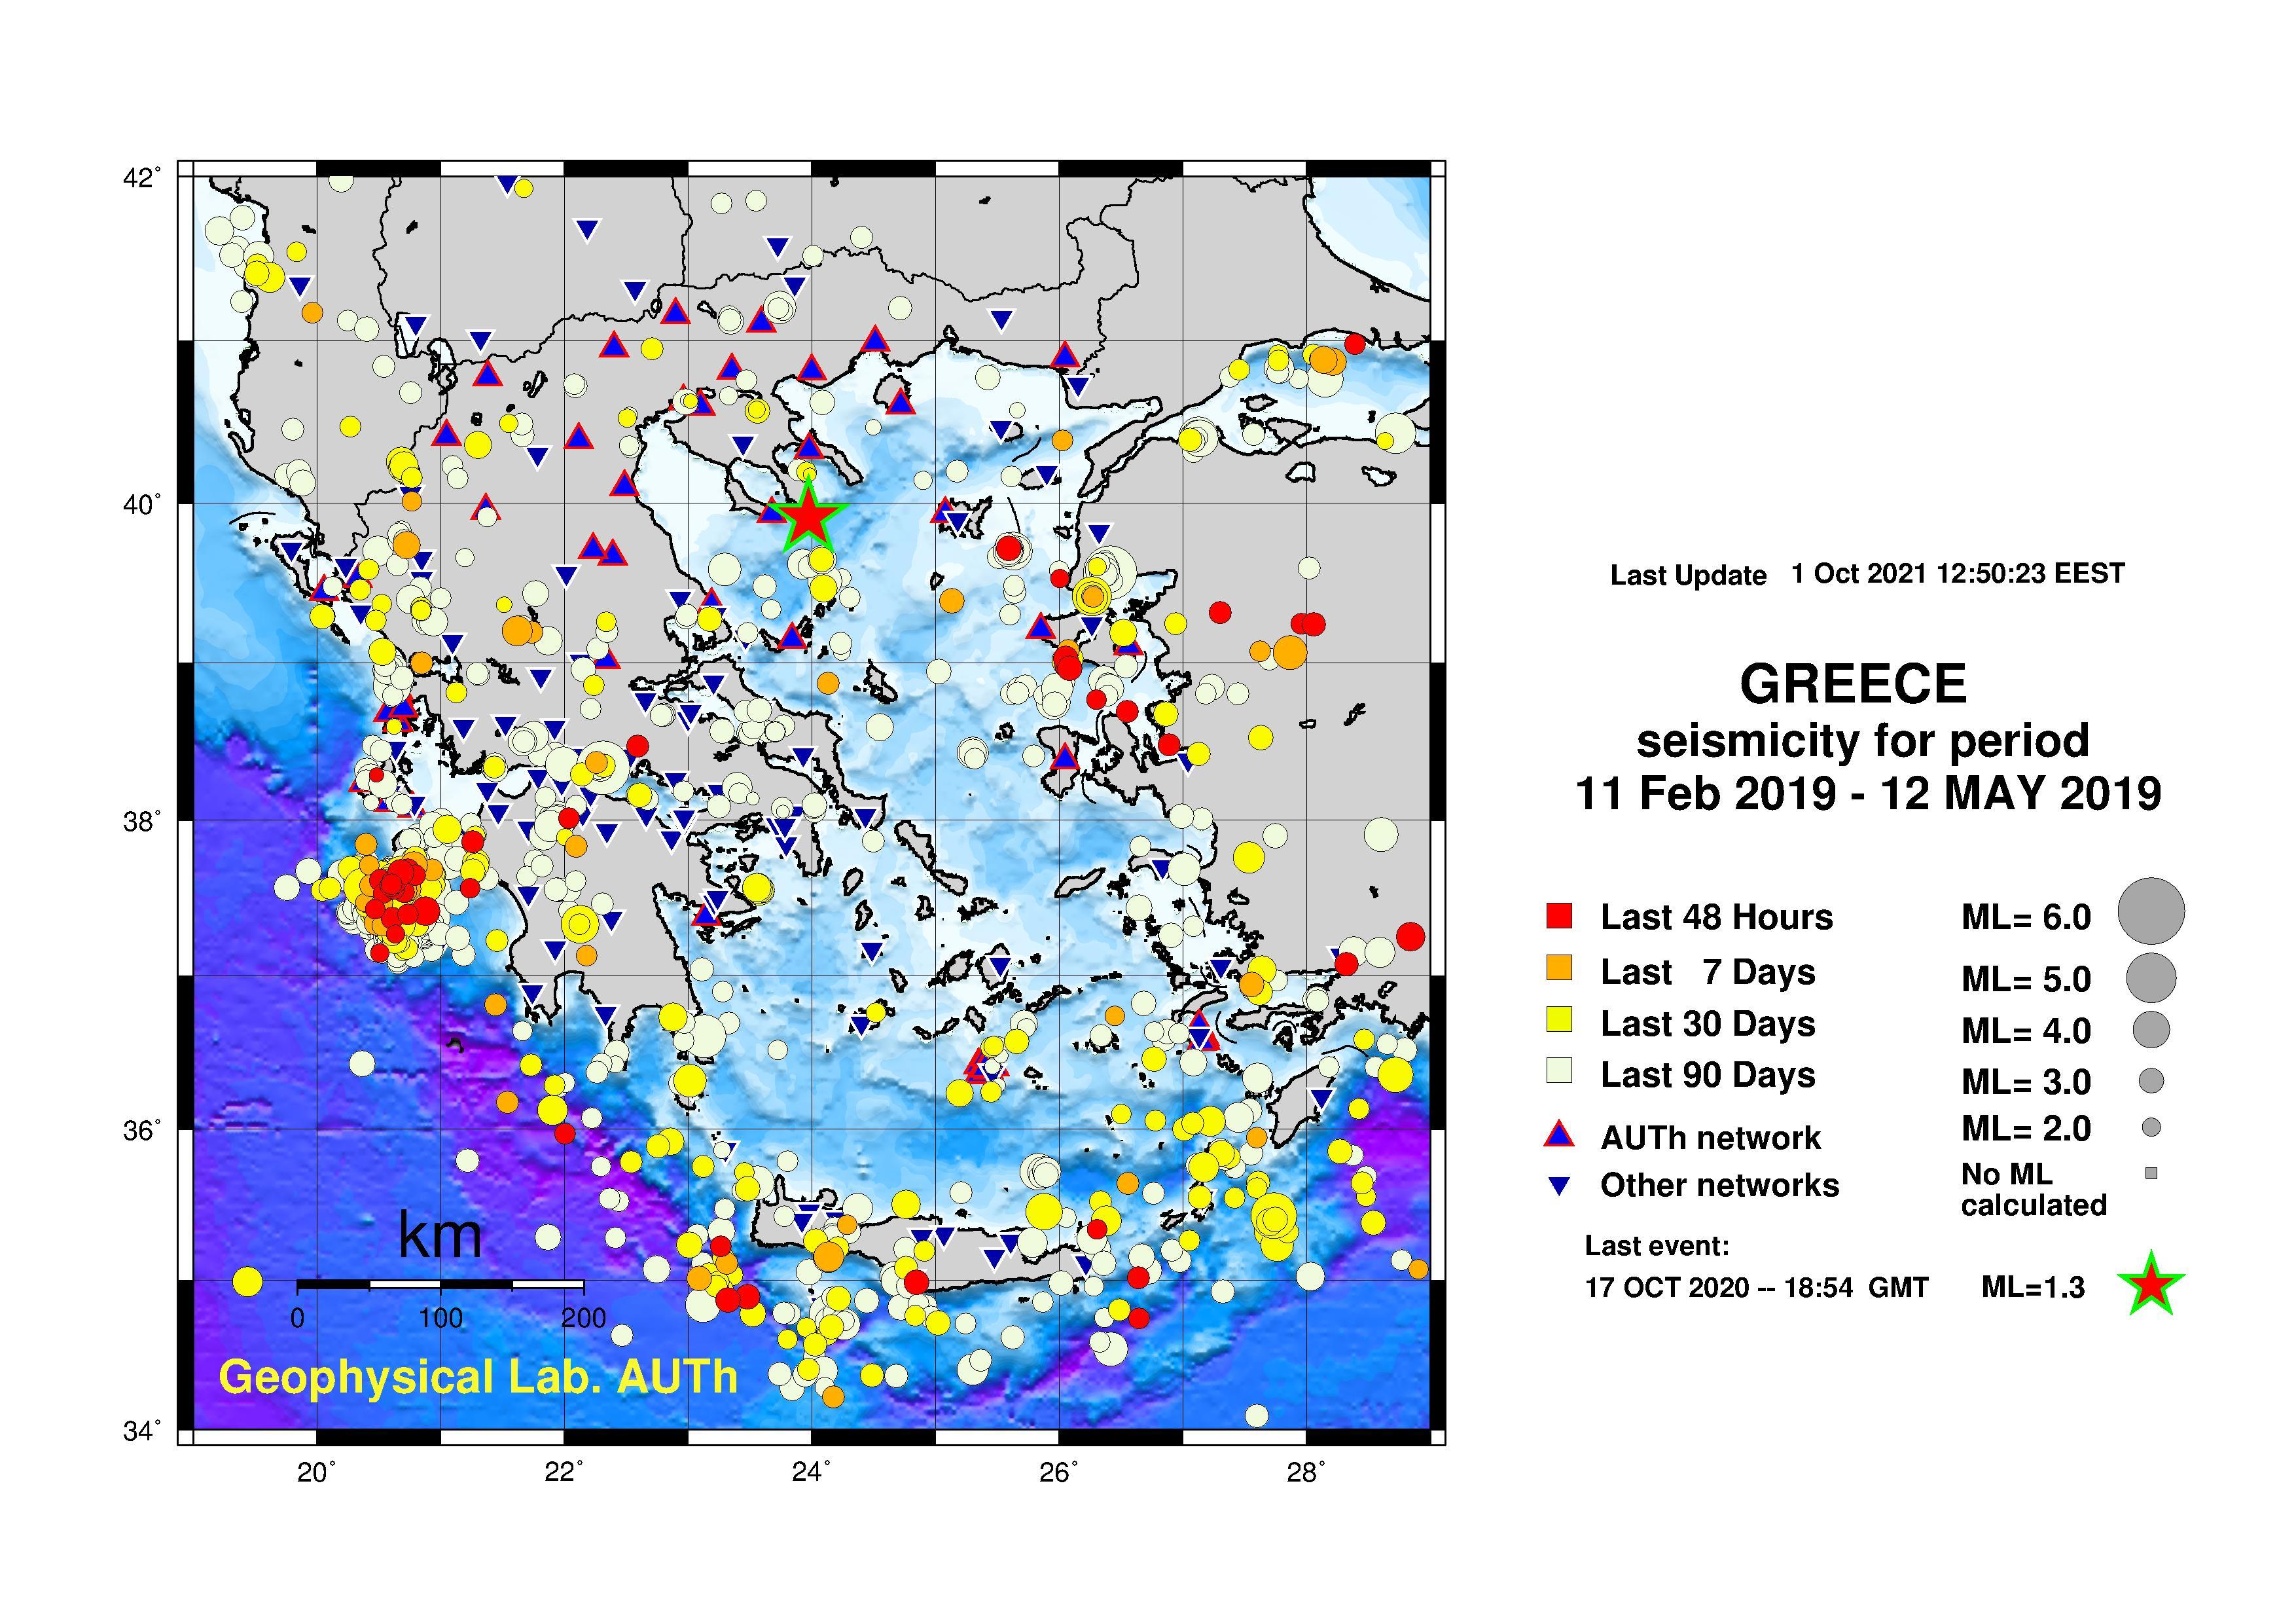 aktuelle Erbebenkarte Griechenlands